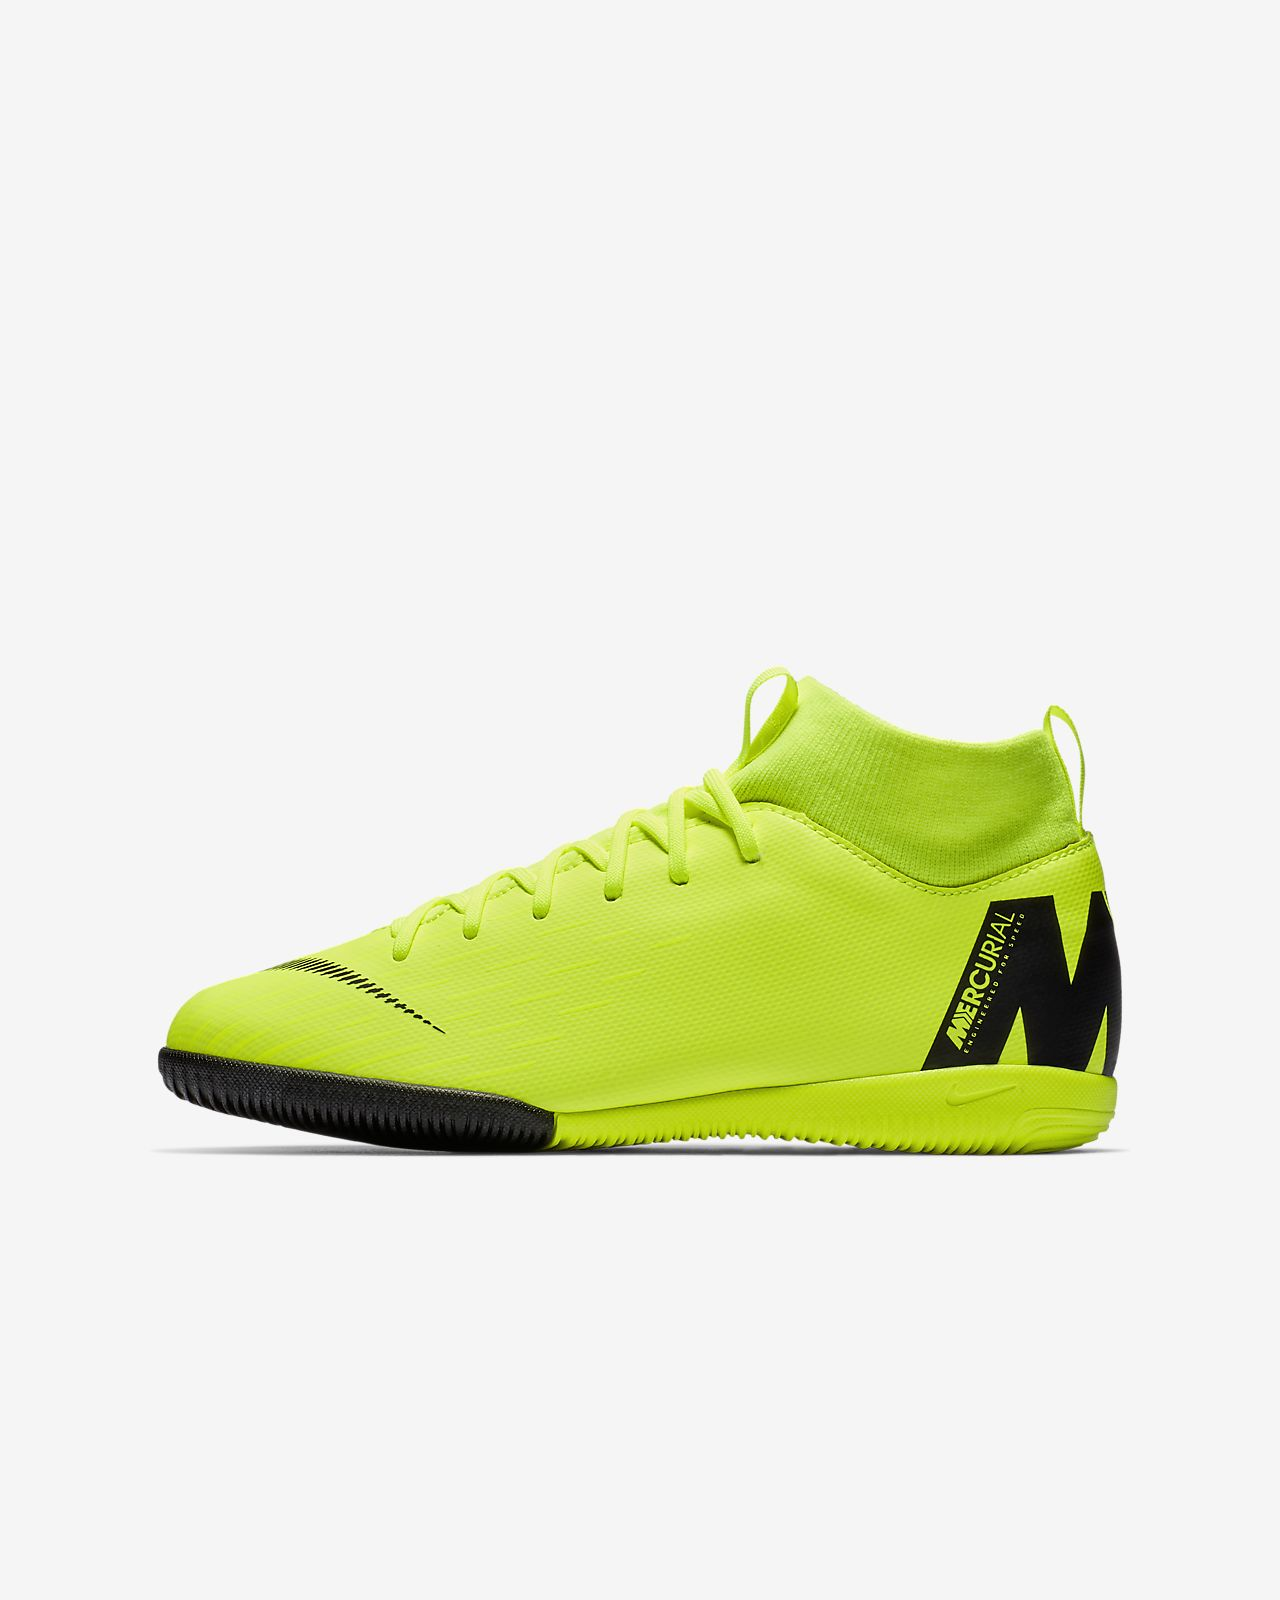 ... Calzado de fútbol para cancha cubierta para niños talla grande y  pequeña Nike Jr. SuperflyX ae0526e9e65bf